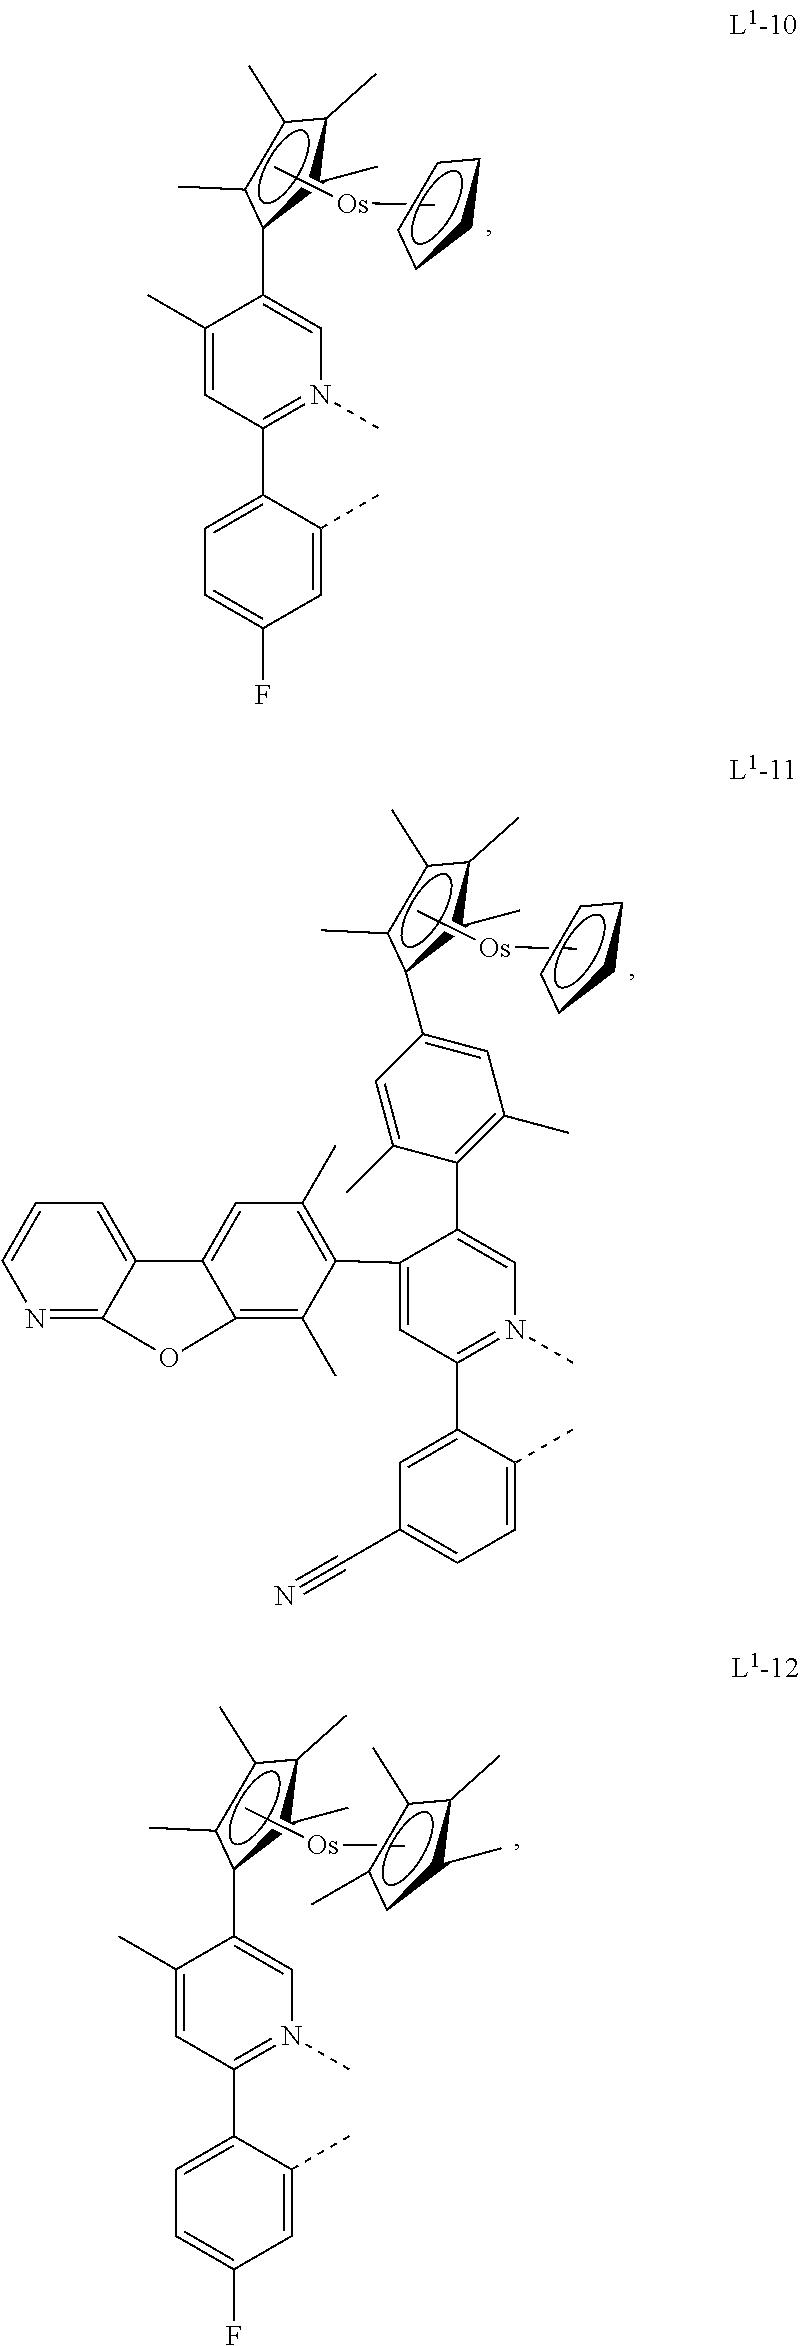 Figure US09450195-20160920-C00014